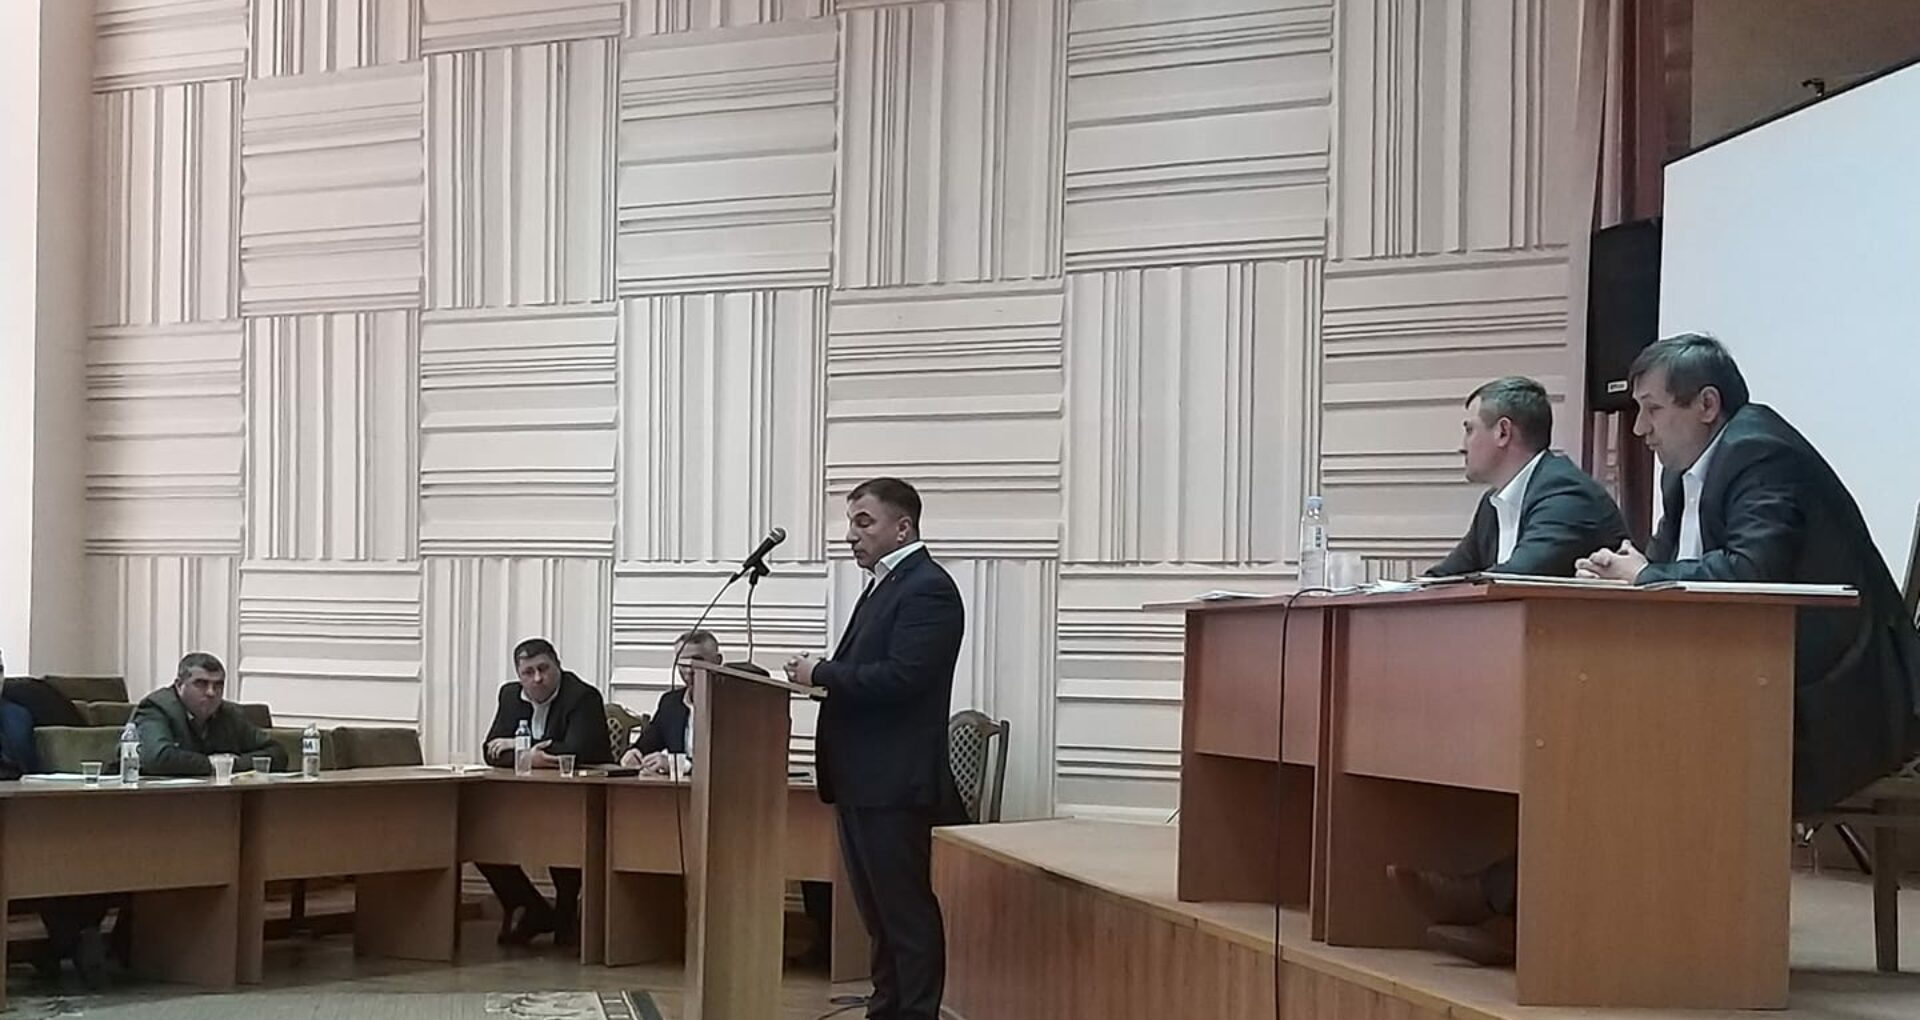 Șeful Agenției pentru Supravegherea Tehnică, Radu Vasile și-a dat demisia. Fostul director, Ghenadie Sajin vrea să revină ca jurist la AST